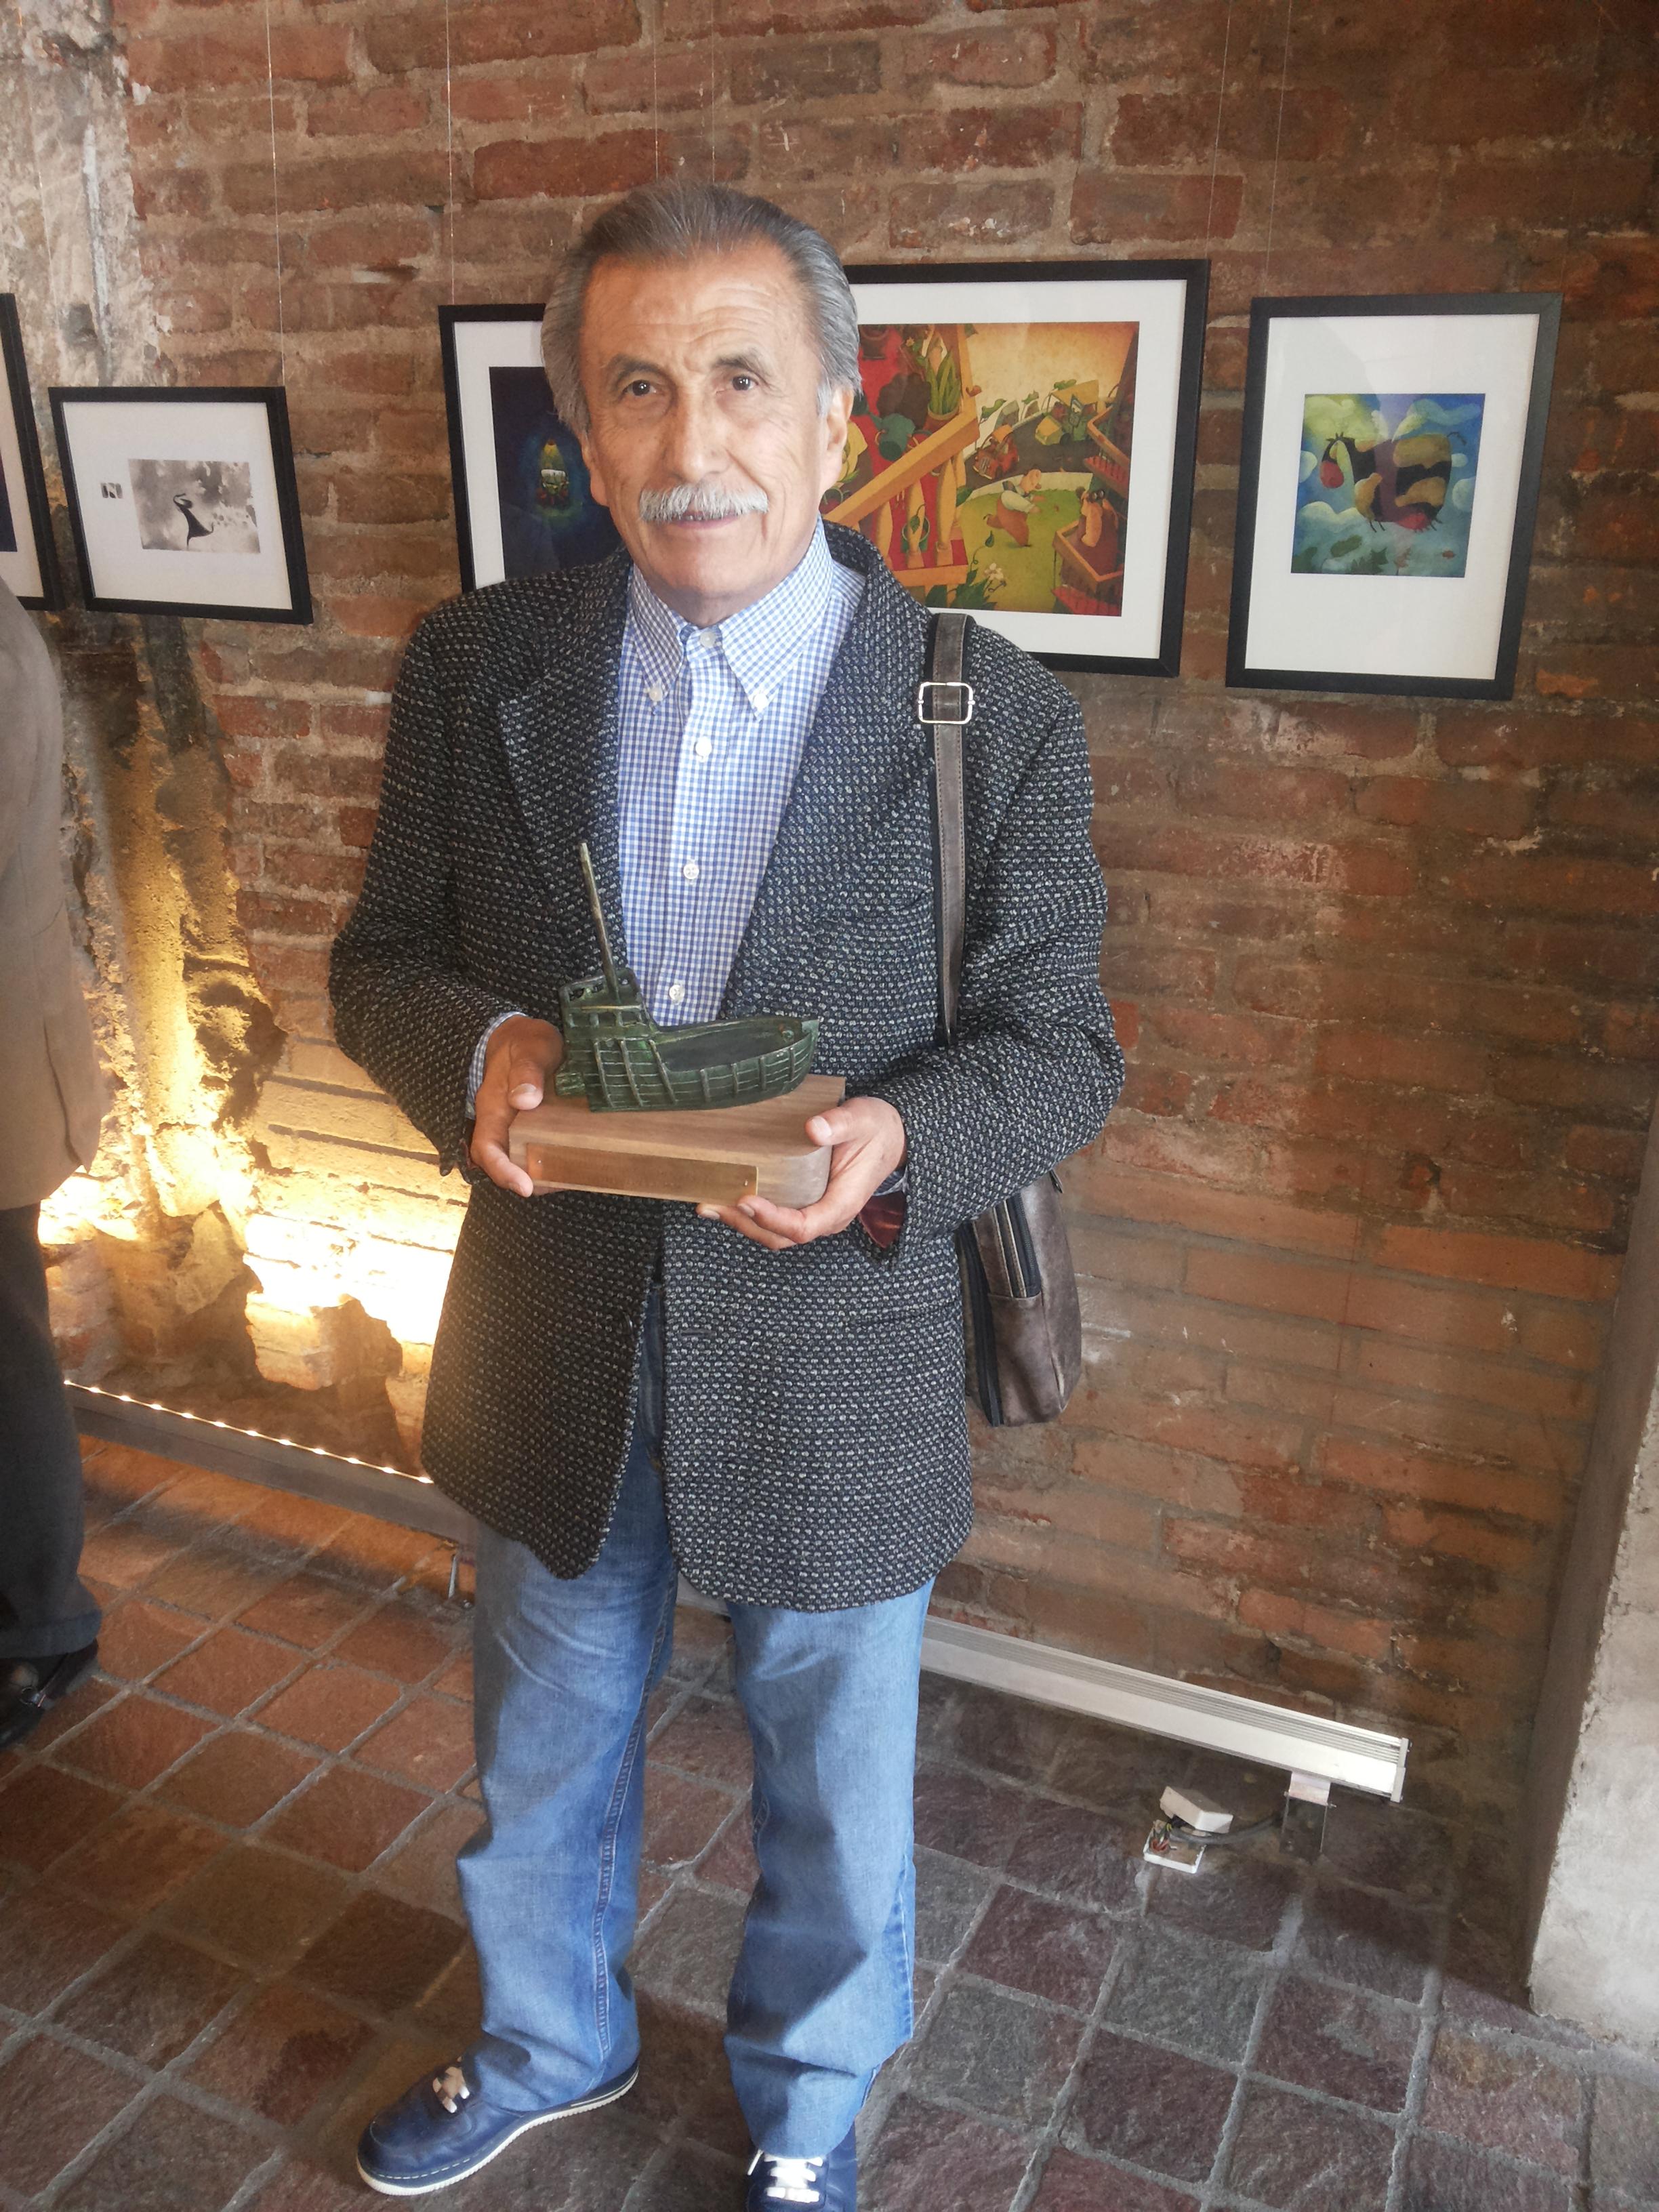 Francisco Gaytán, subdirector de Rescate y Restauración de la Filmoteca de la Universidad Nacional Autónoma de México (UNAM), recibió el Premio Santiaguillo